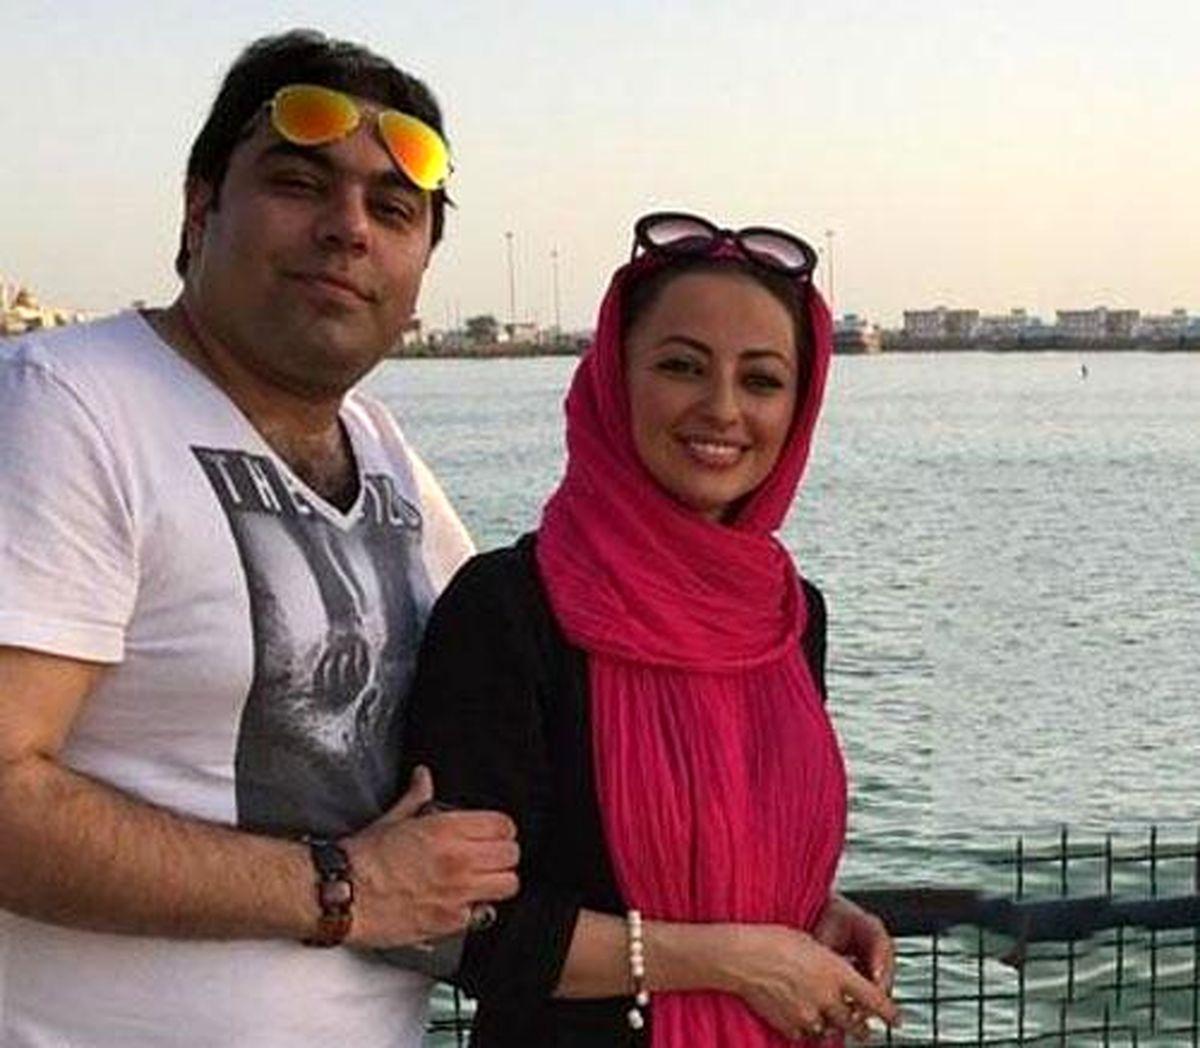 نفیسه روشن برای بار دوم ازدواج کرد! +عکس همسرش